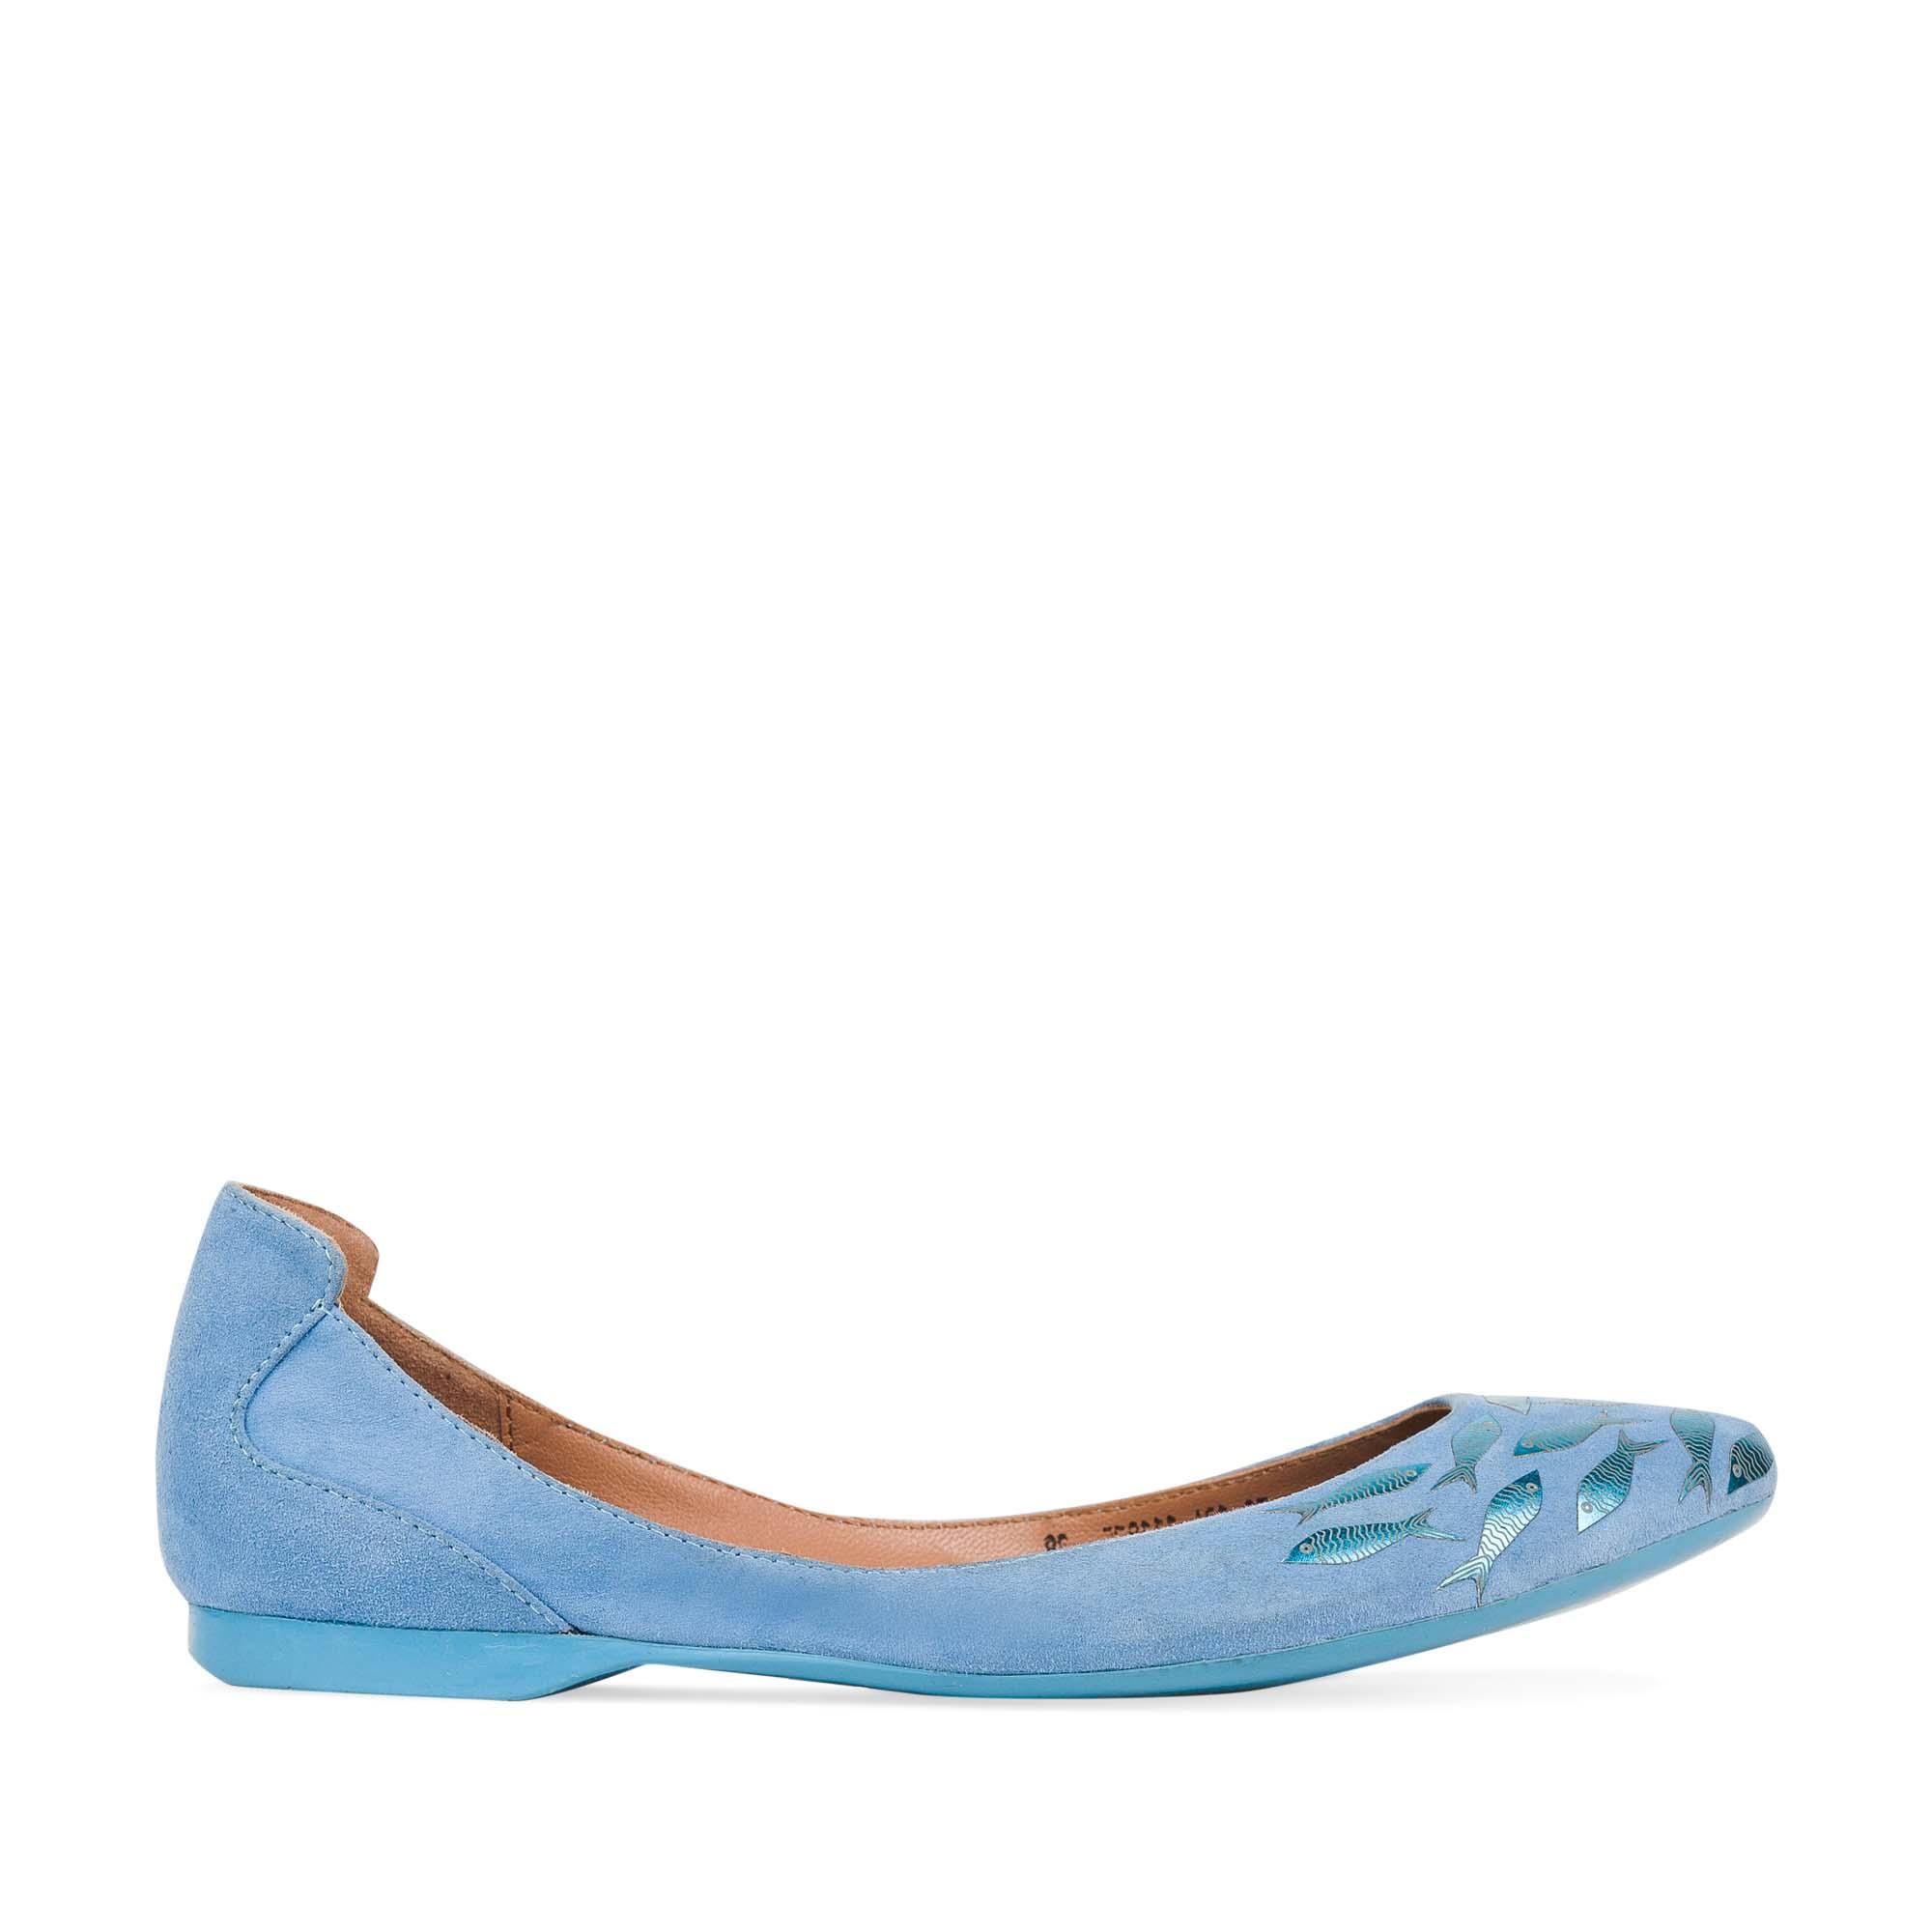 Замшевые балетки небесно-голубого цвета с аппликацией